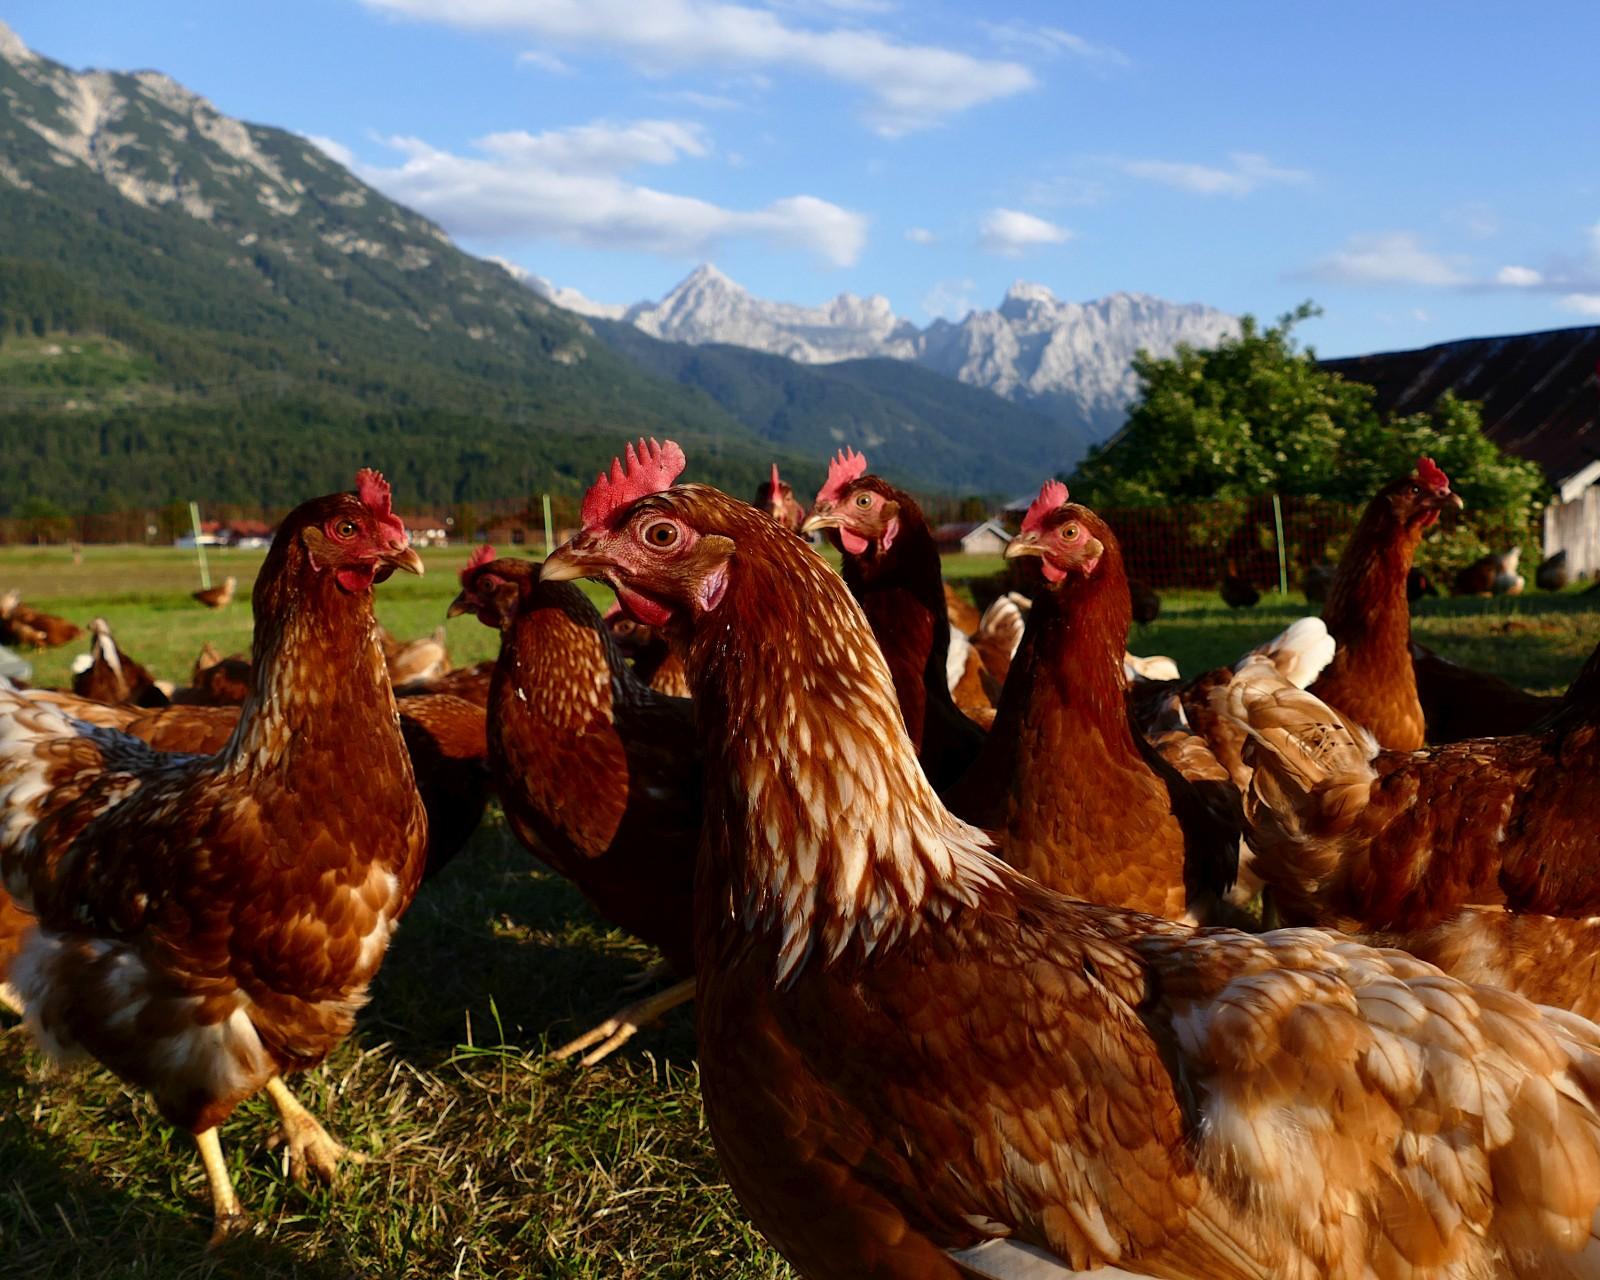 Glückliche Hühner in der Abendsonne. Happy chickens in the evening sun.